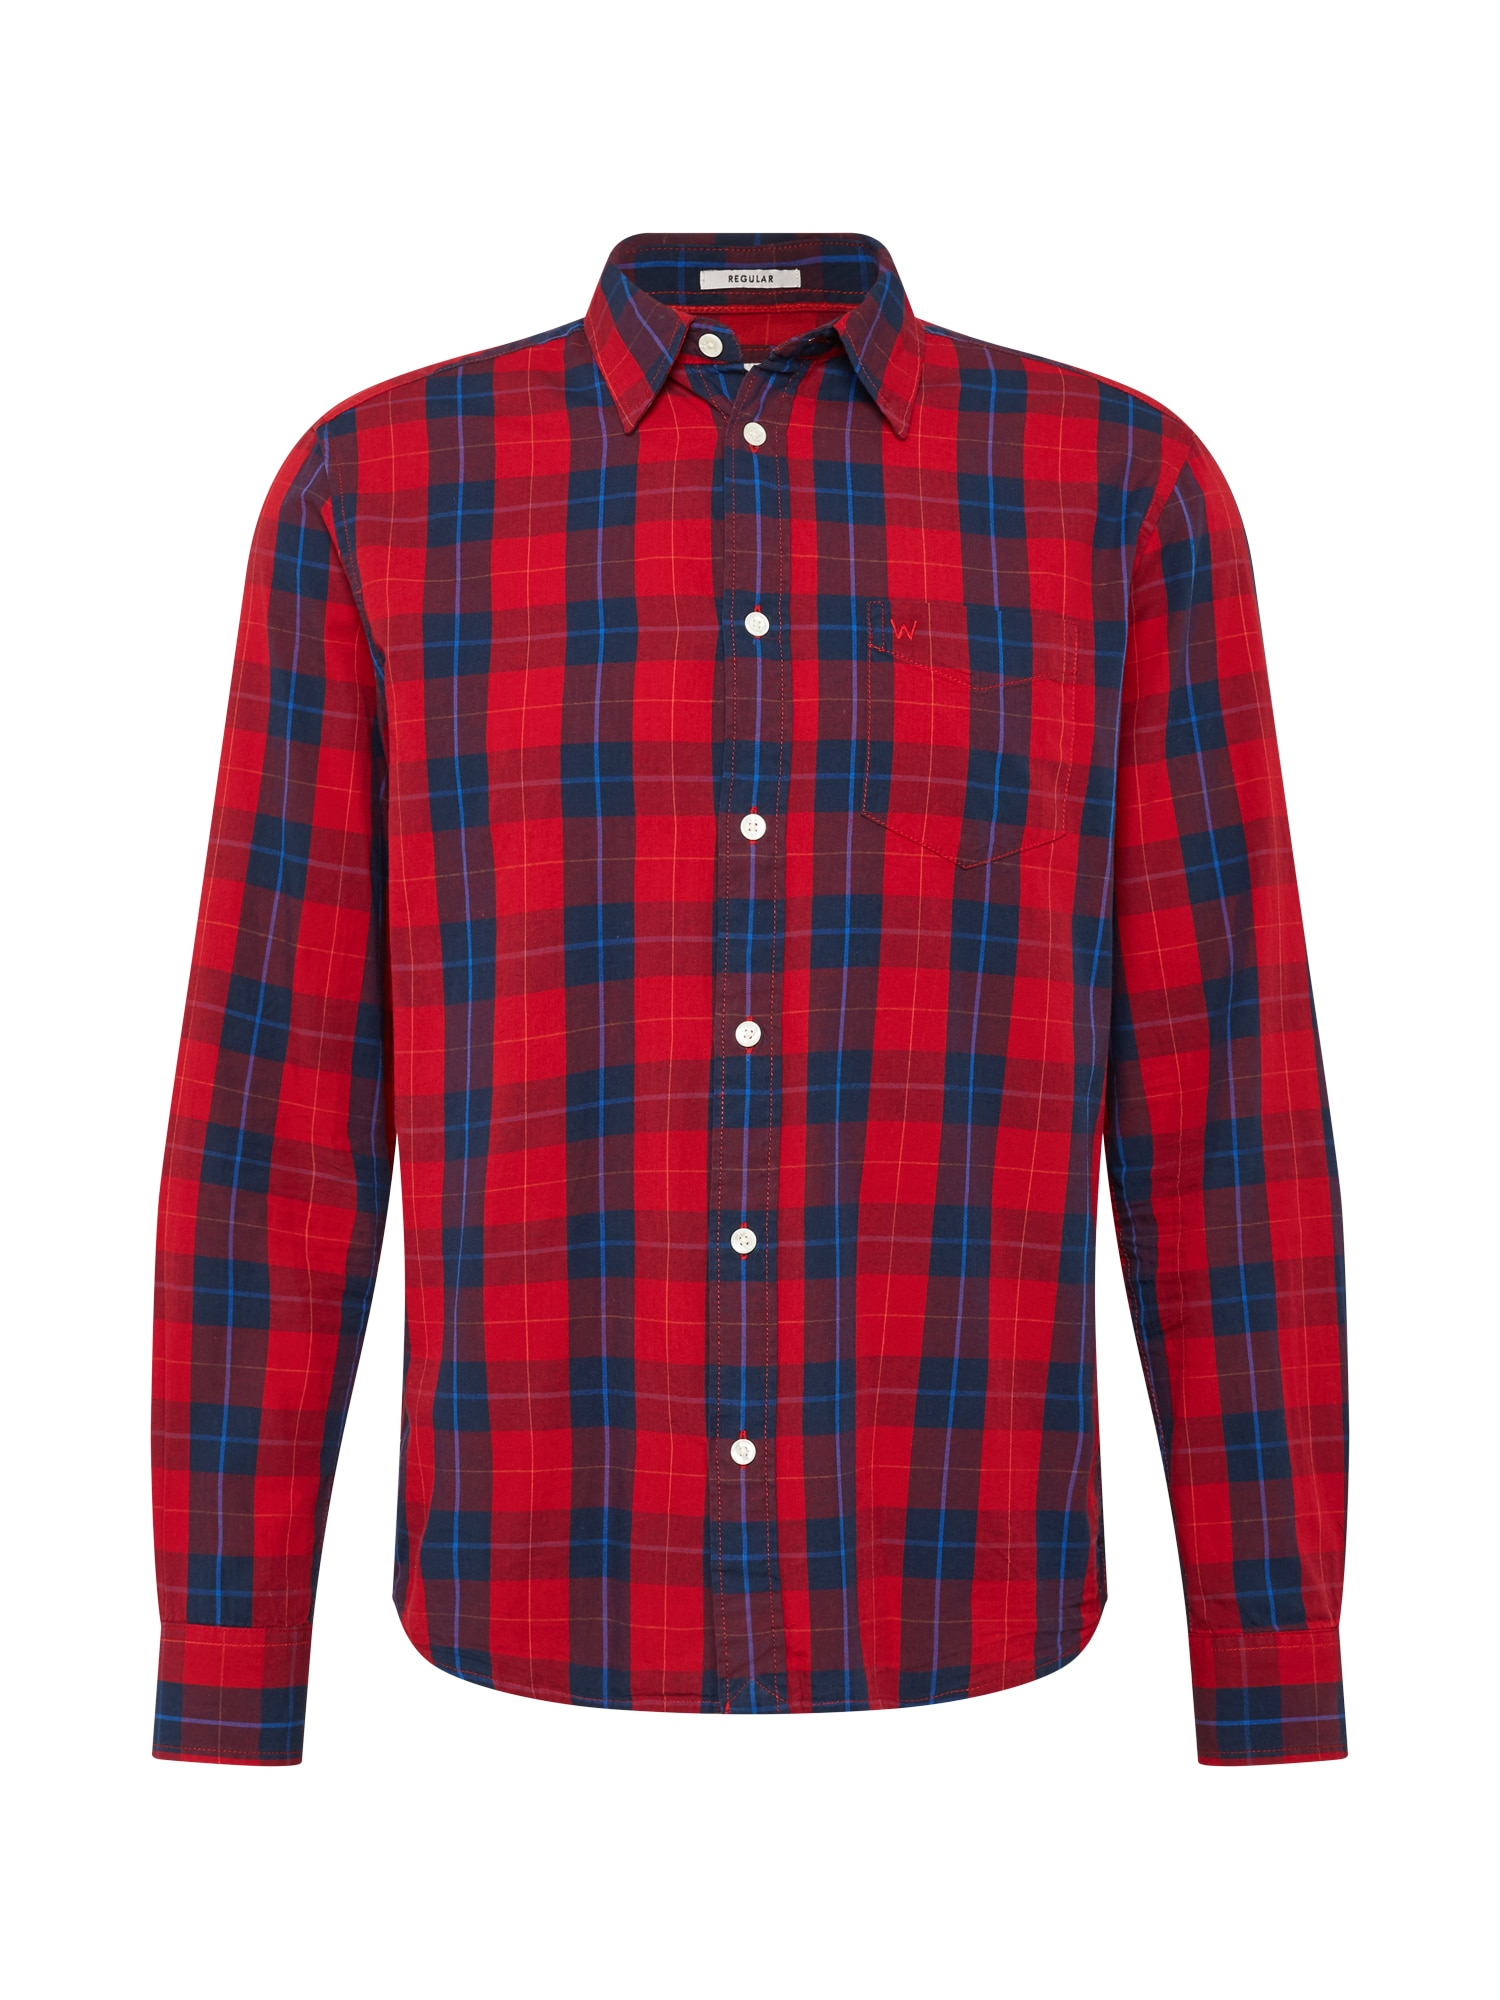 WRANGLER Marškiniai raudona / tamsiai mėlyna